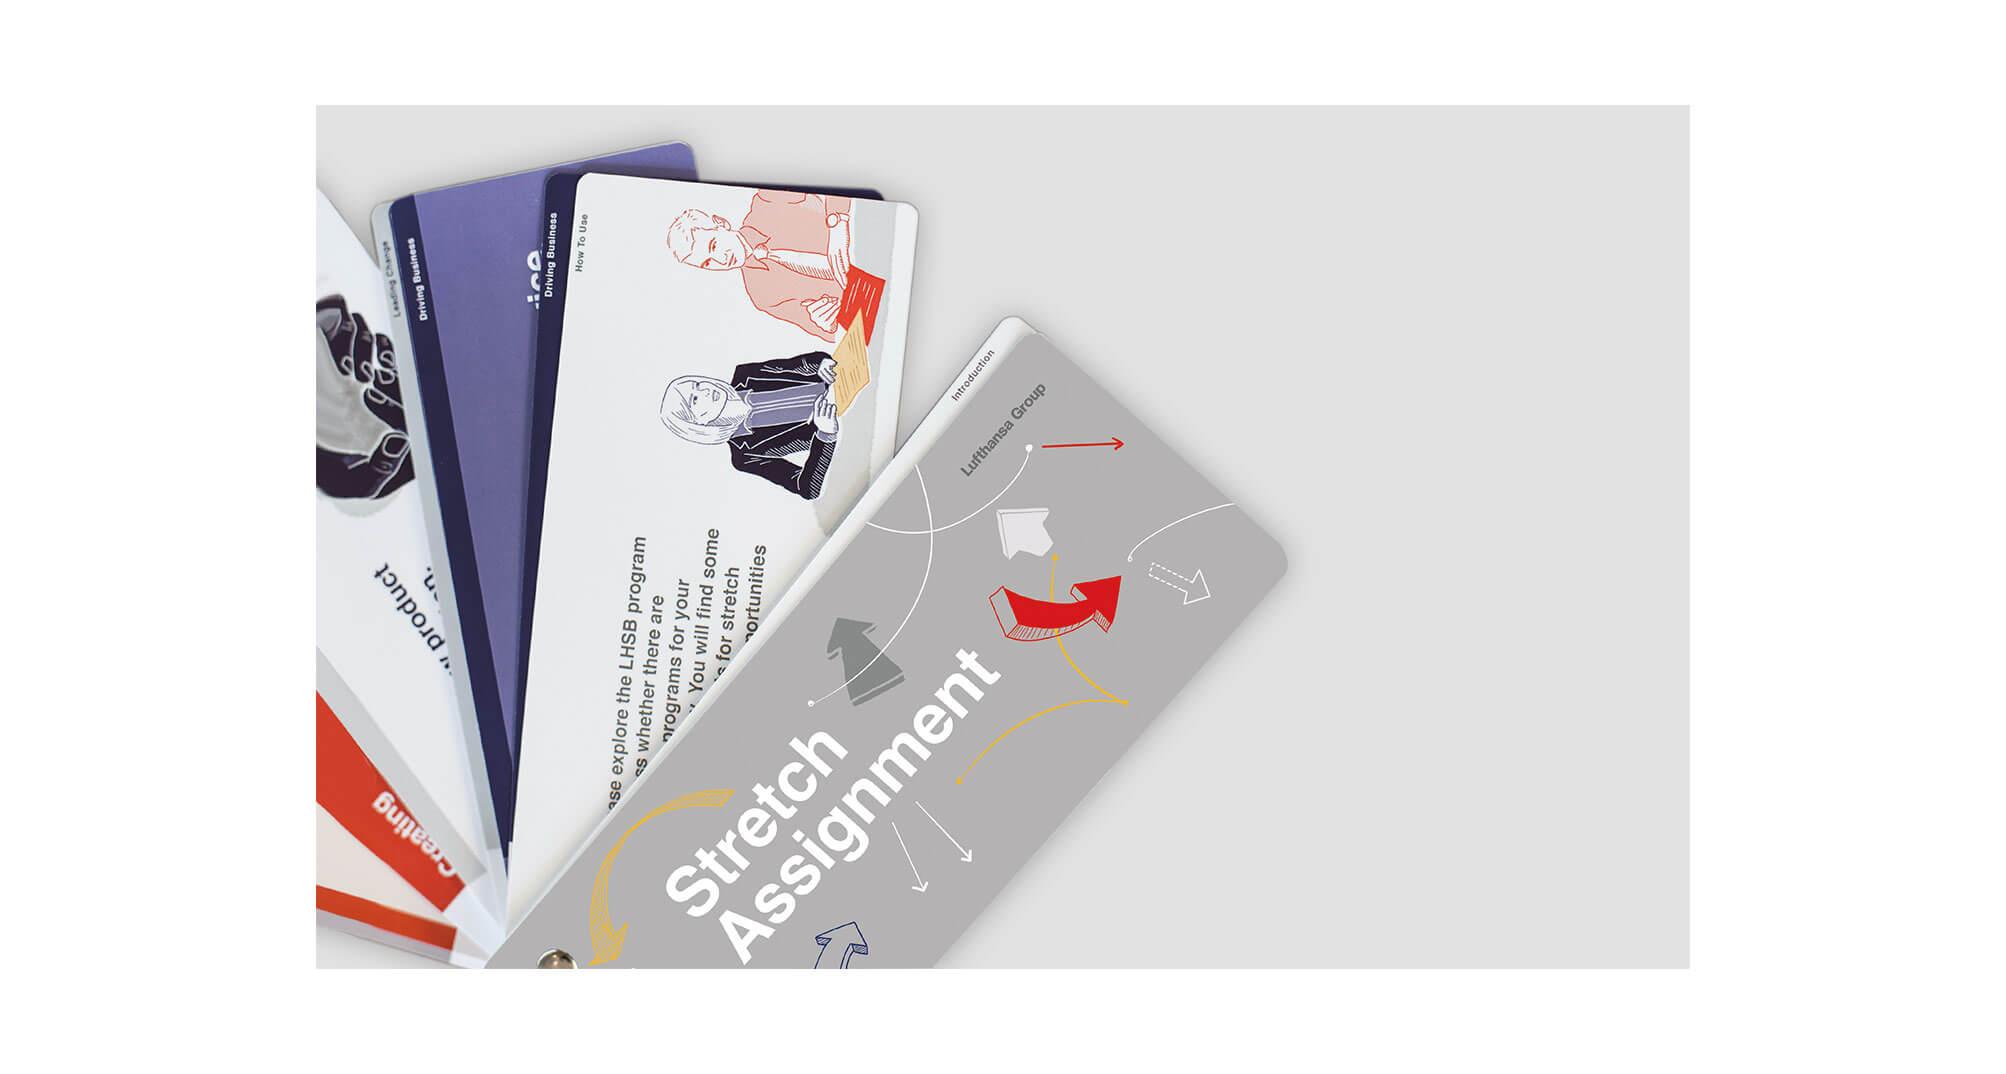 360VIER_Lufthansa_Case-Study_Slider-05 Deutsche Lufthansa AG